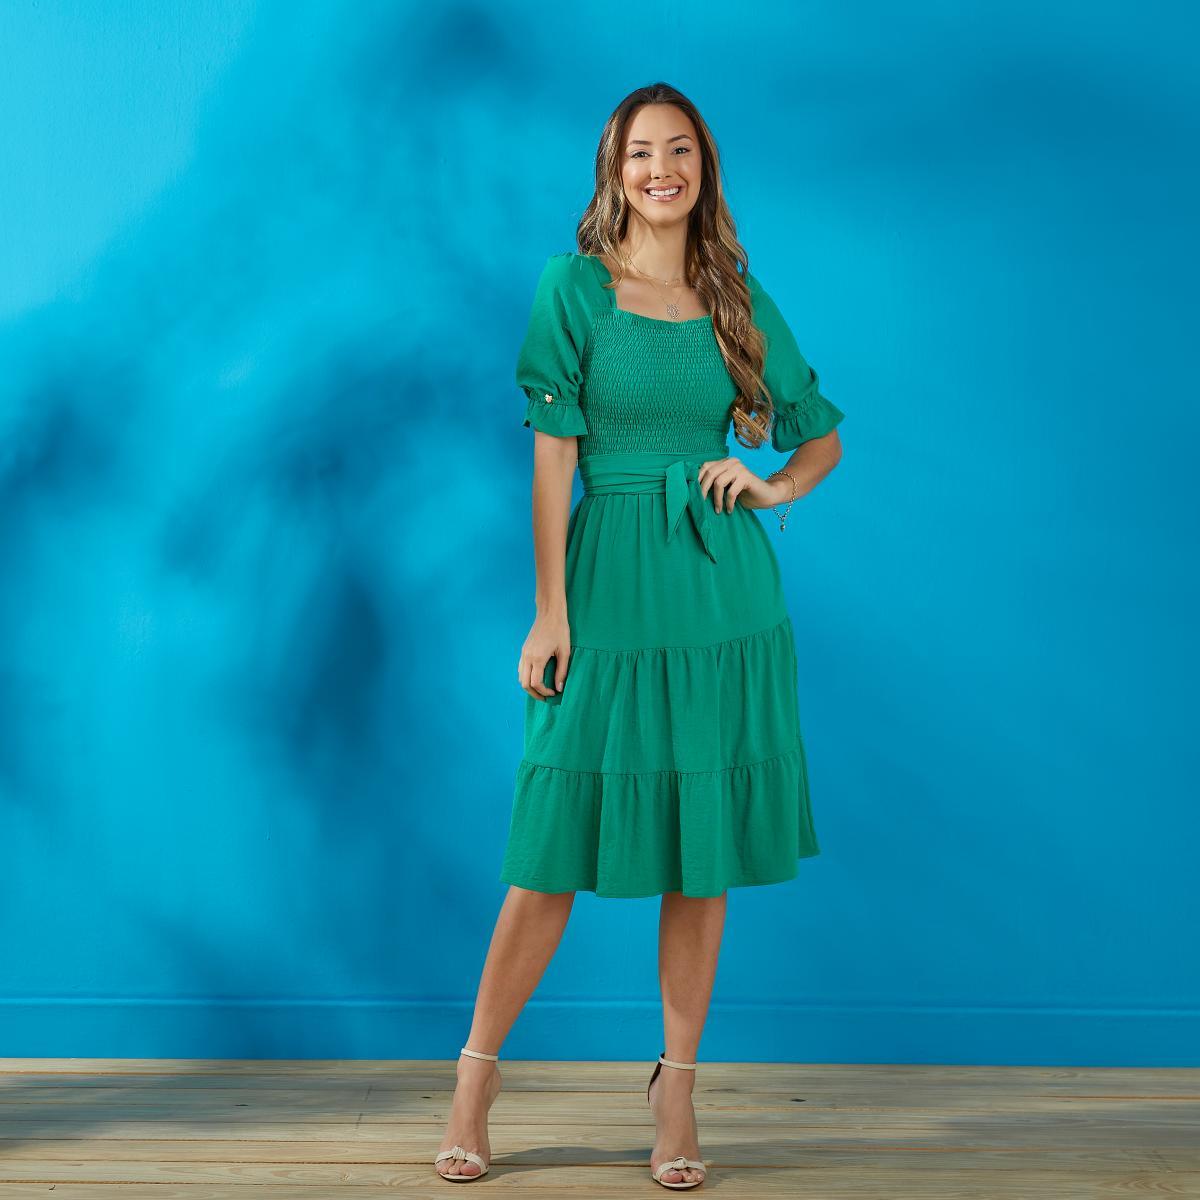 Vestido Kiara De Crepe Com Lastex No Busto, Moda Evangélica - Tatá Martello